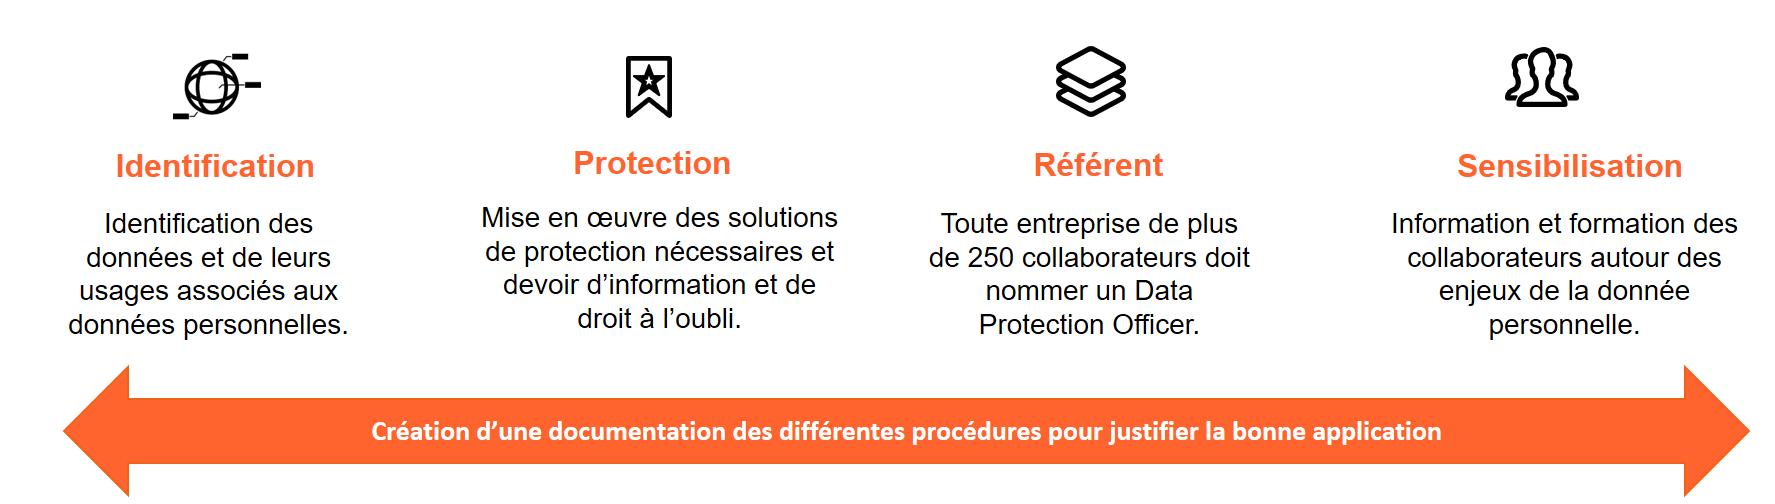 identification des données, protection des données, référent et sensibilisation